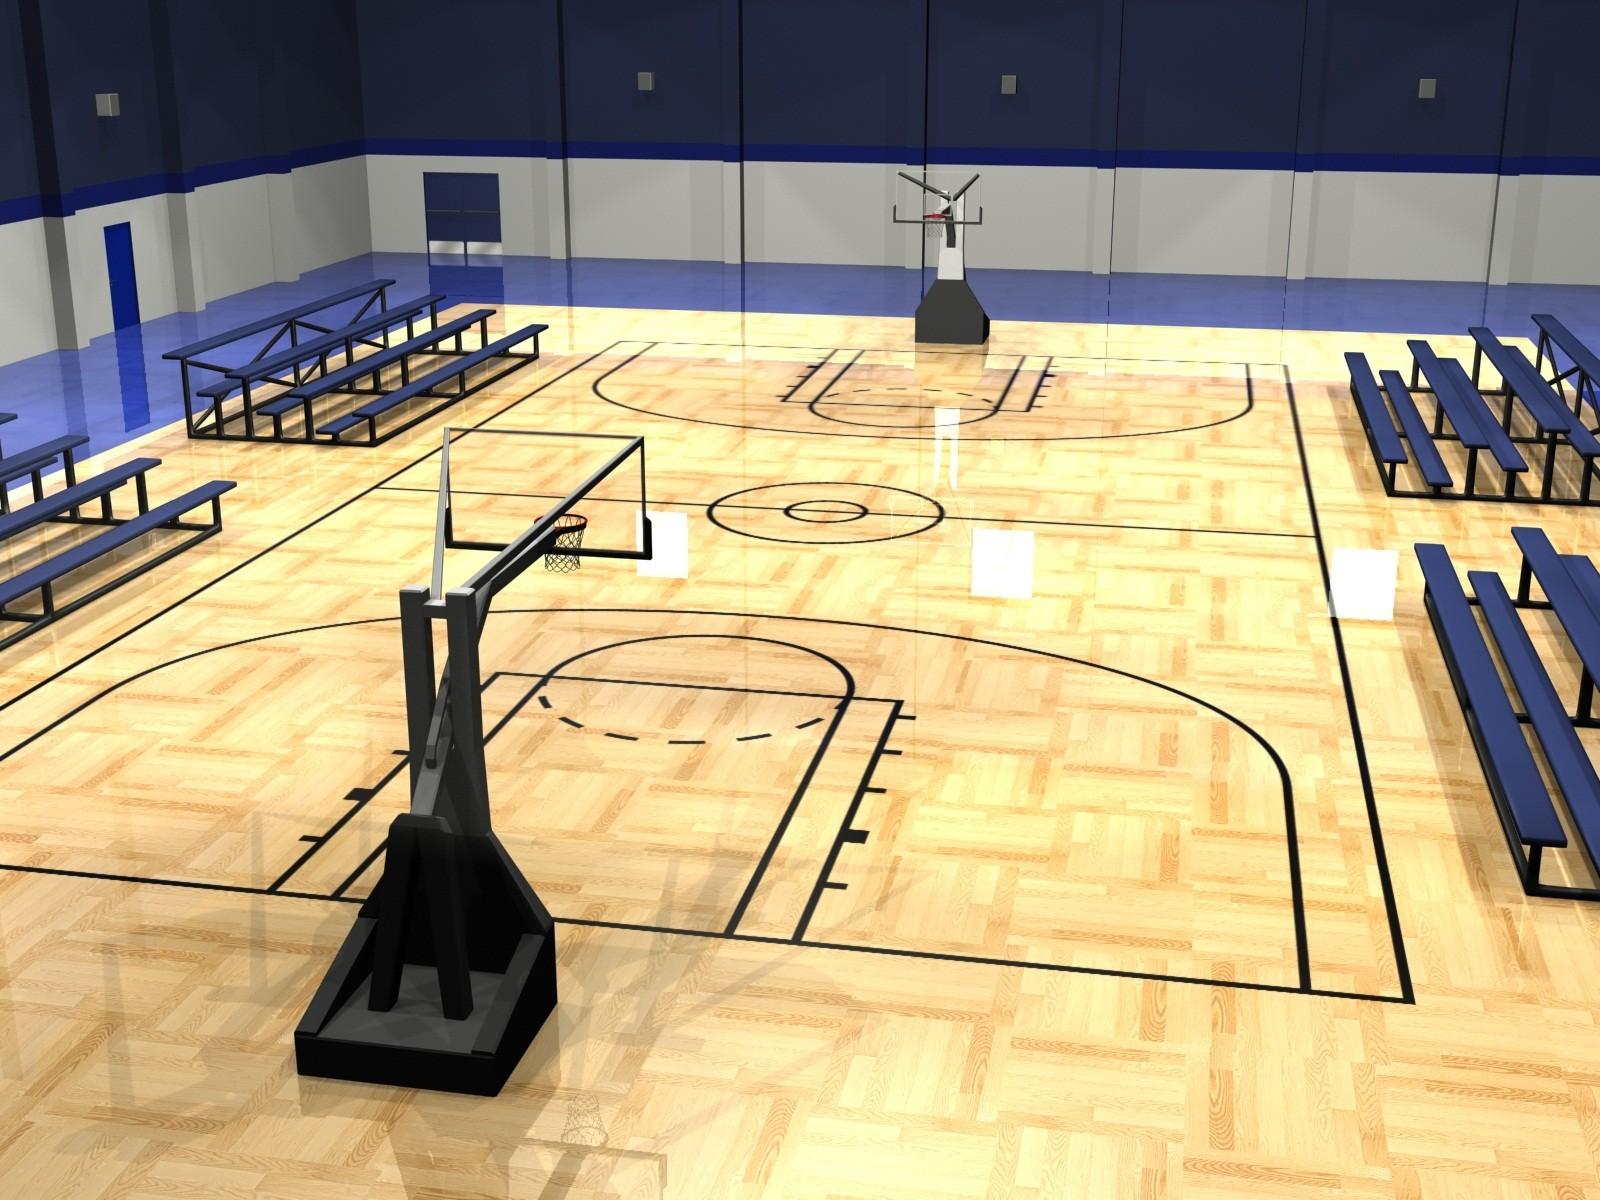 Girl With Basketball Wallpaper Basketball Court Background Hd Pixelstalk Net